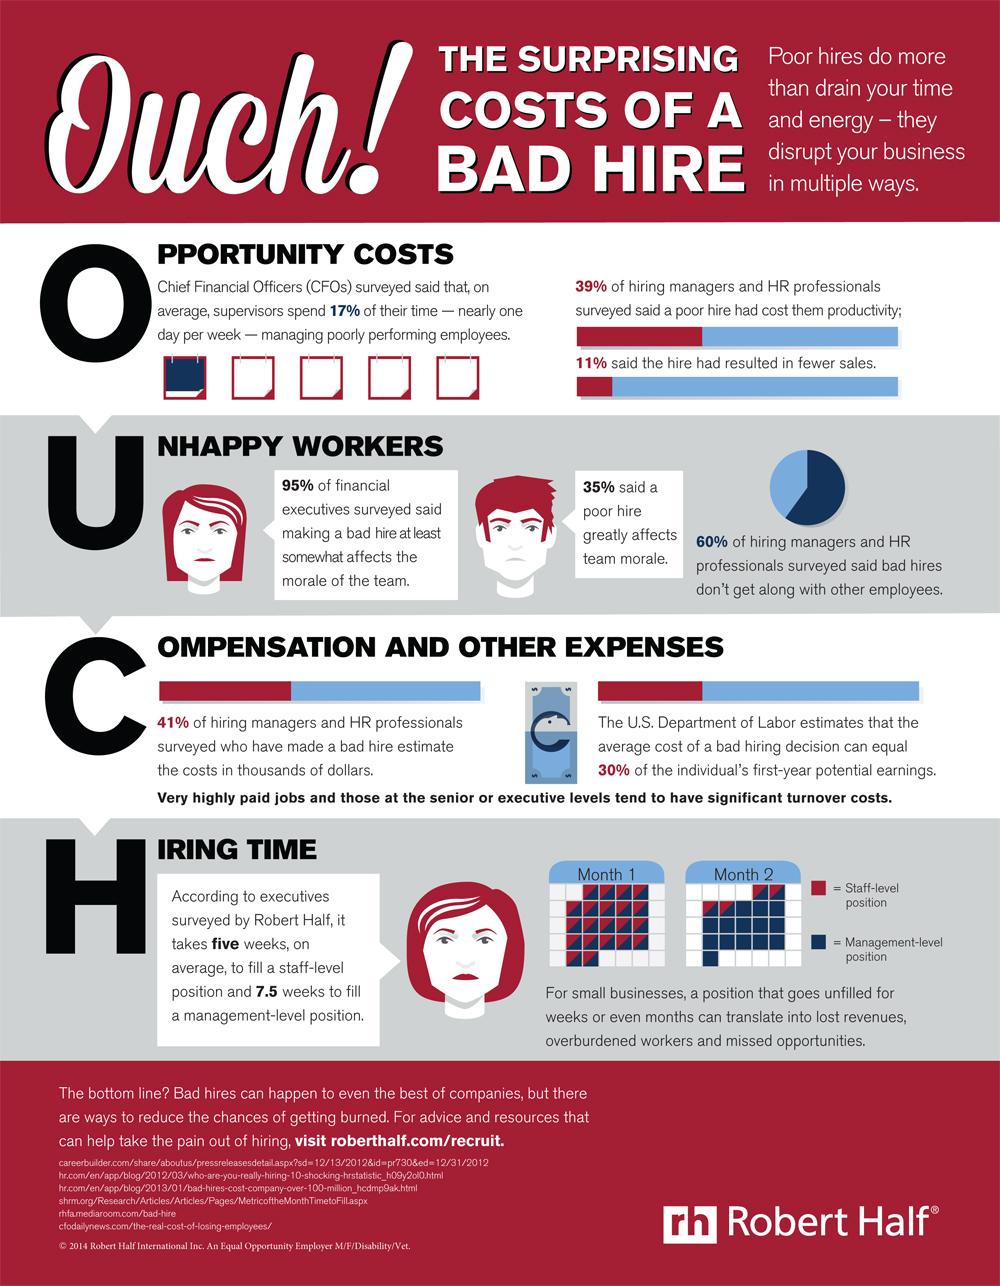 Les coûts d'une mauvaise embauche